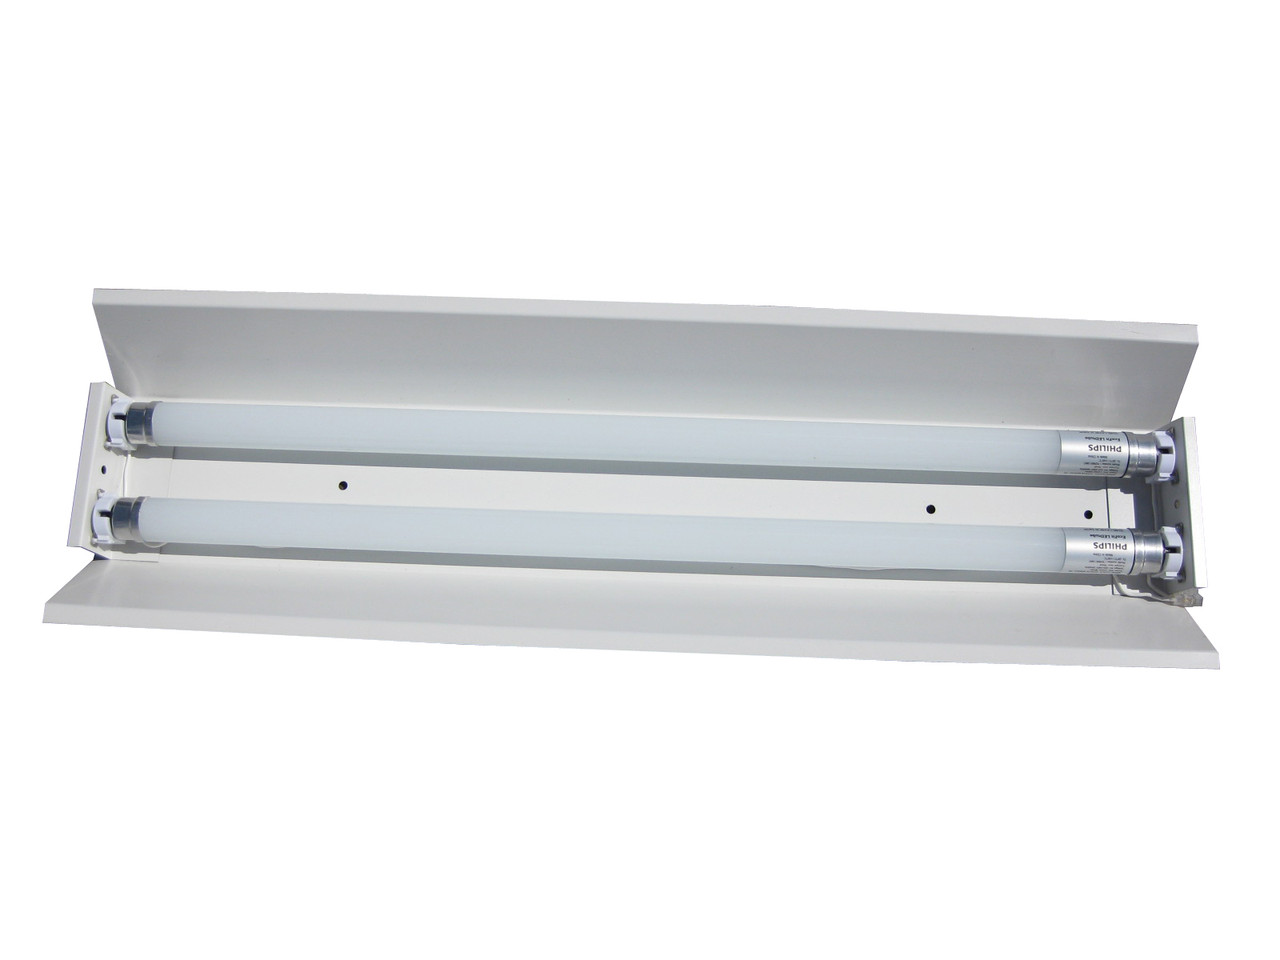 Светильник под люминисцентную лампу трассовый 100lamp открытый 2*36W СПВ 02 1200 с электронным балластом